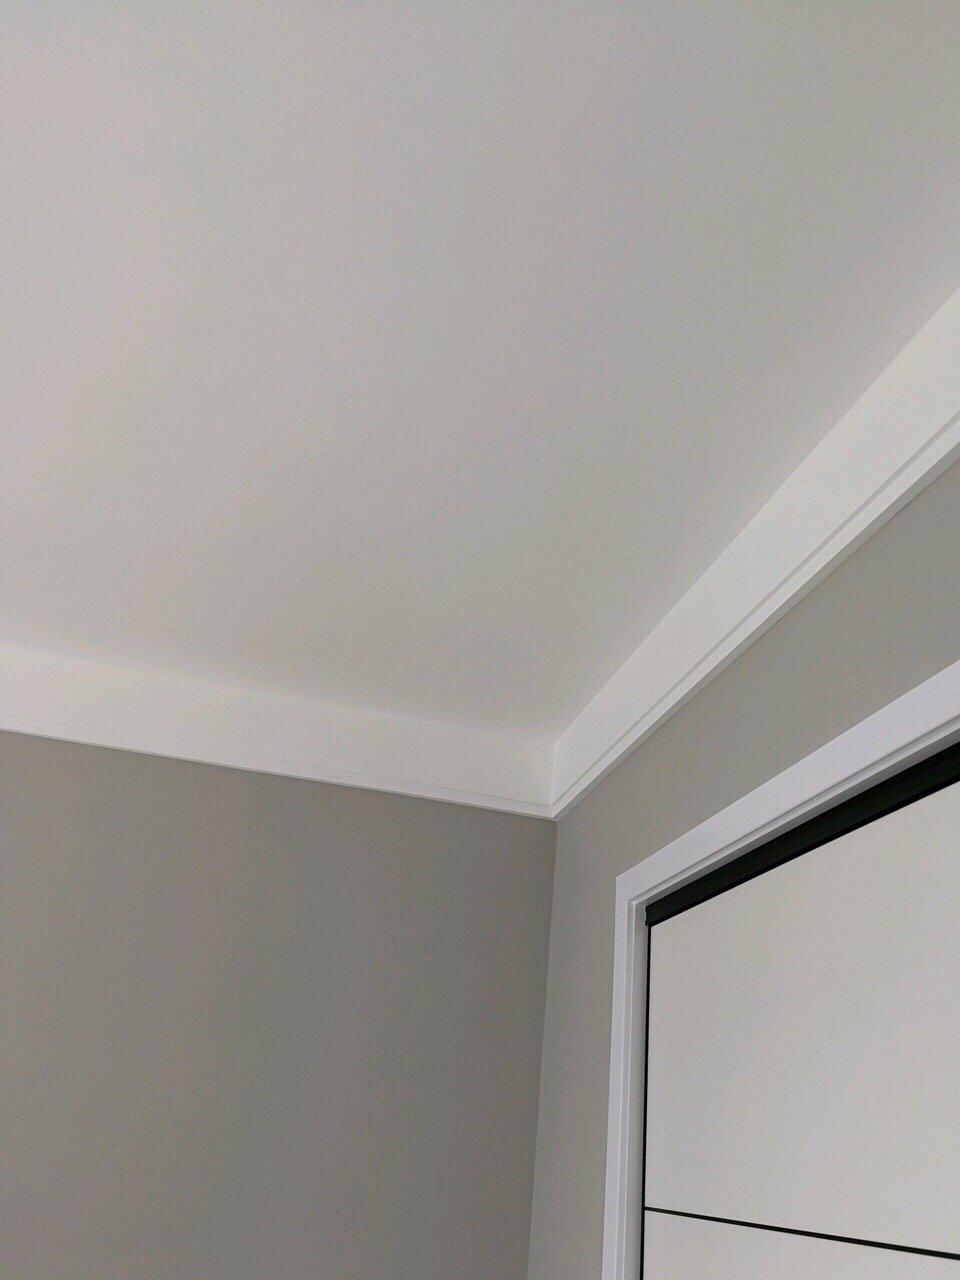 请问下图吊边尺寸是多宽多厚,两层